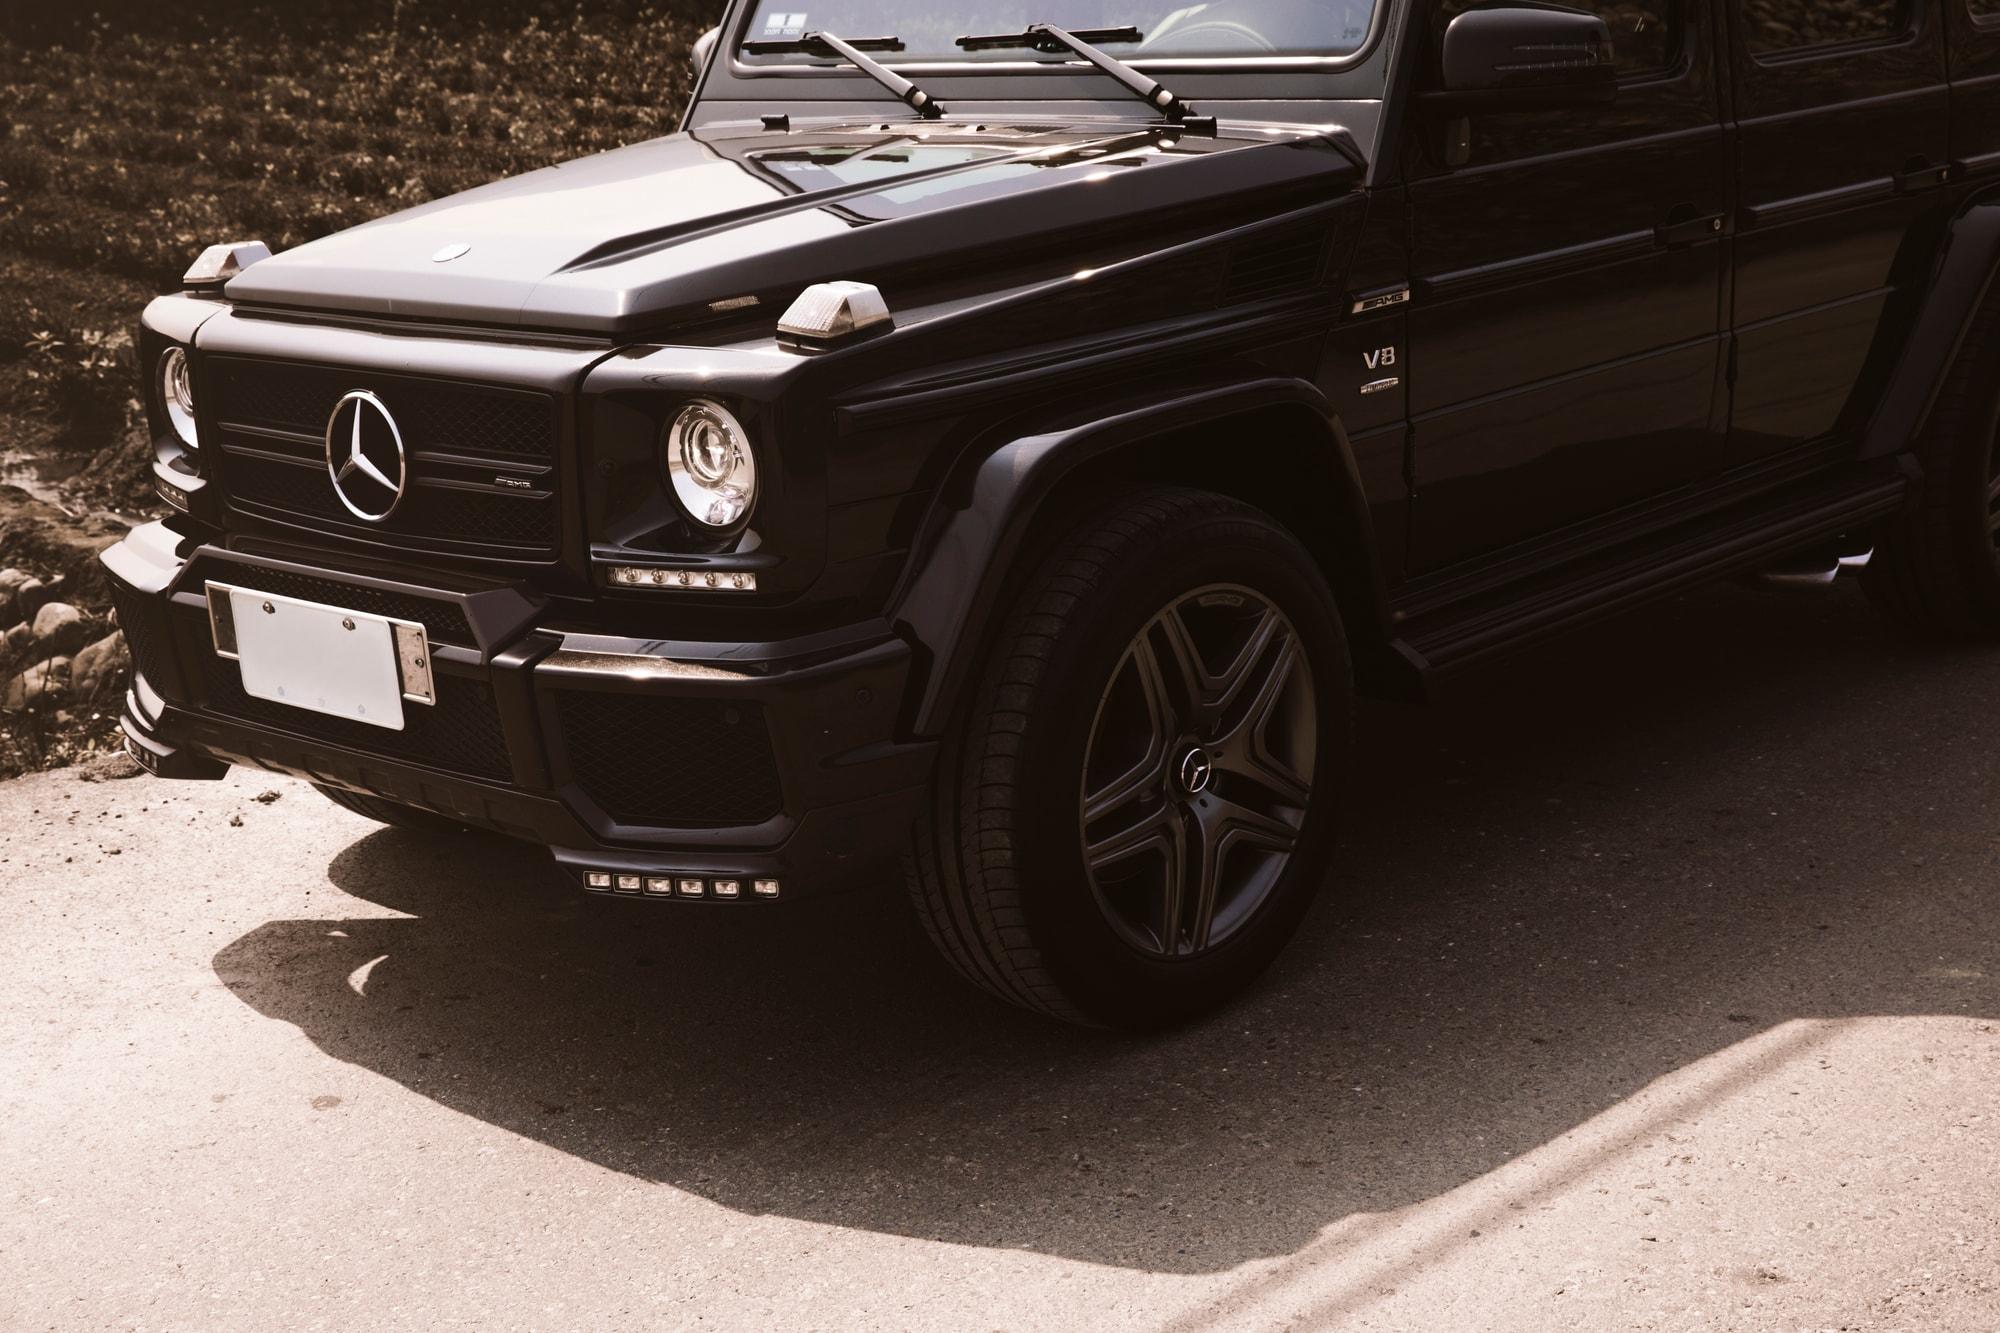 地上越野霸主降臨:專訪 Mercedes-Benz G-Class 愛好者 Cary、Wei THROTTLE